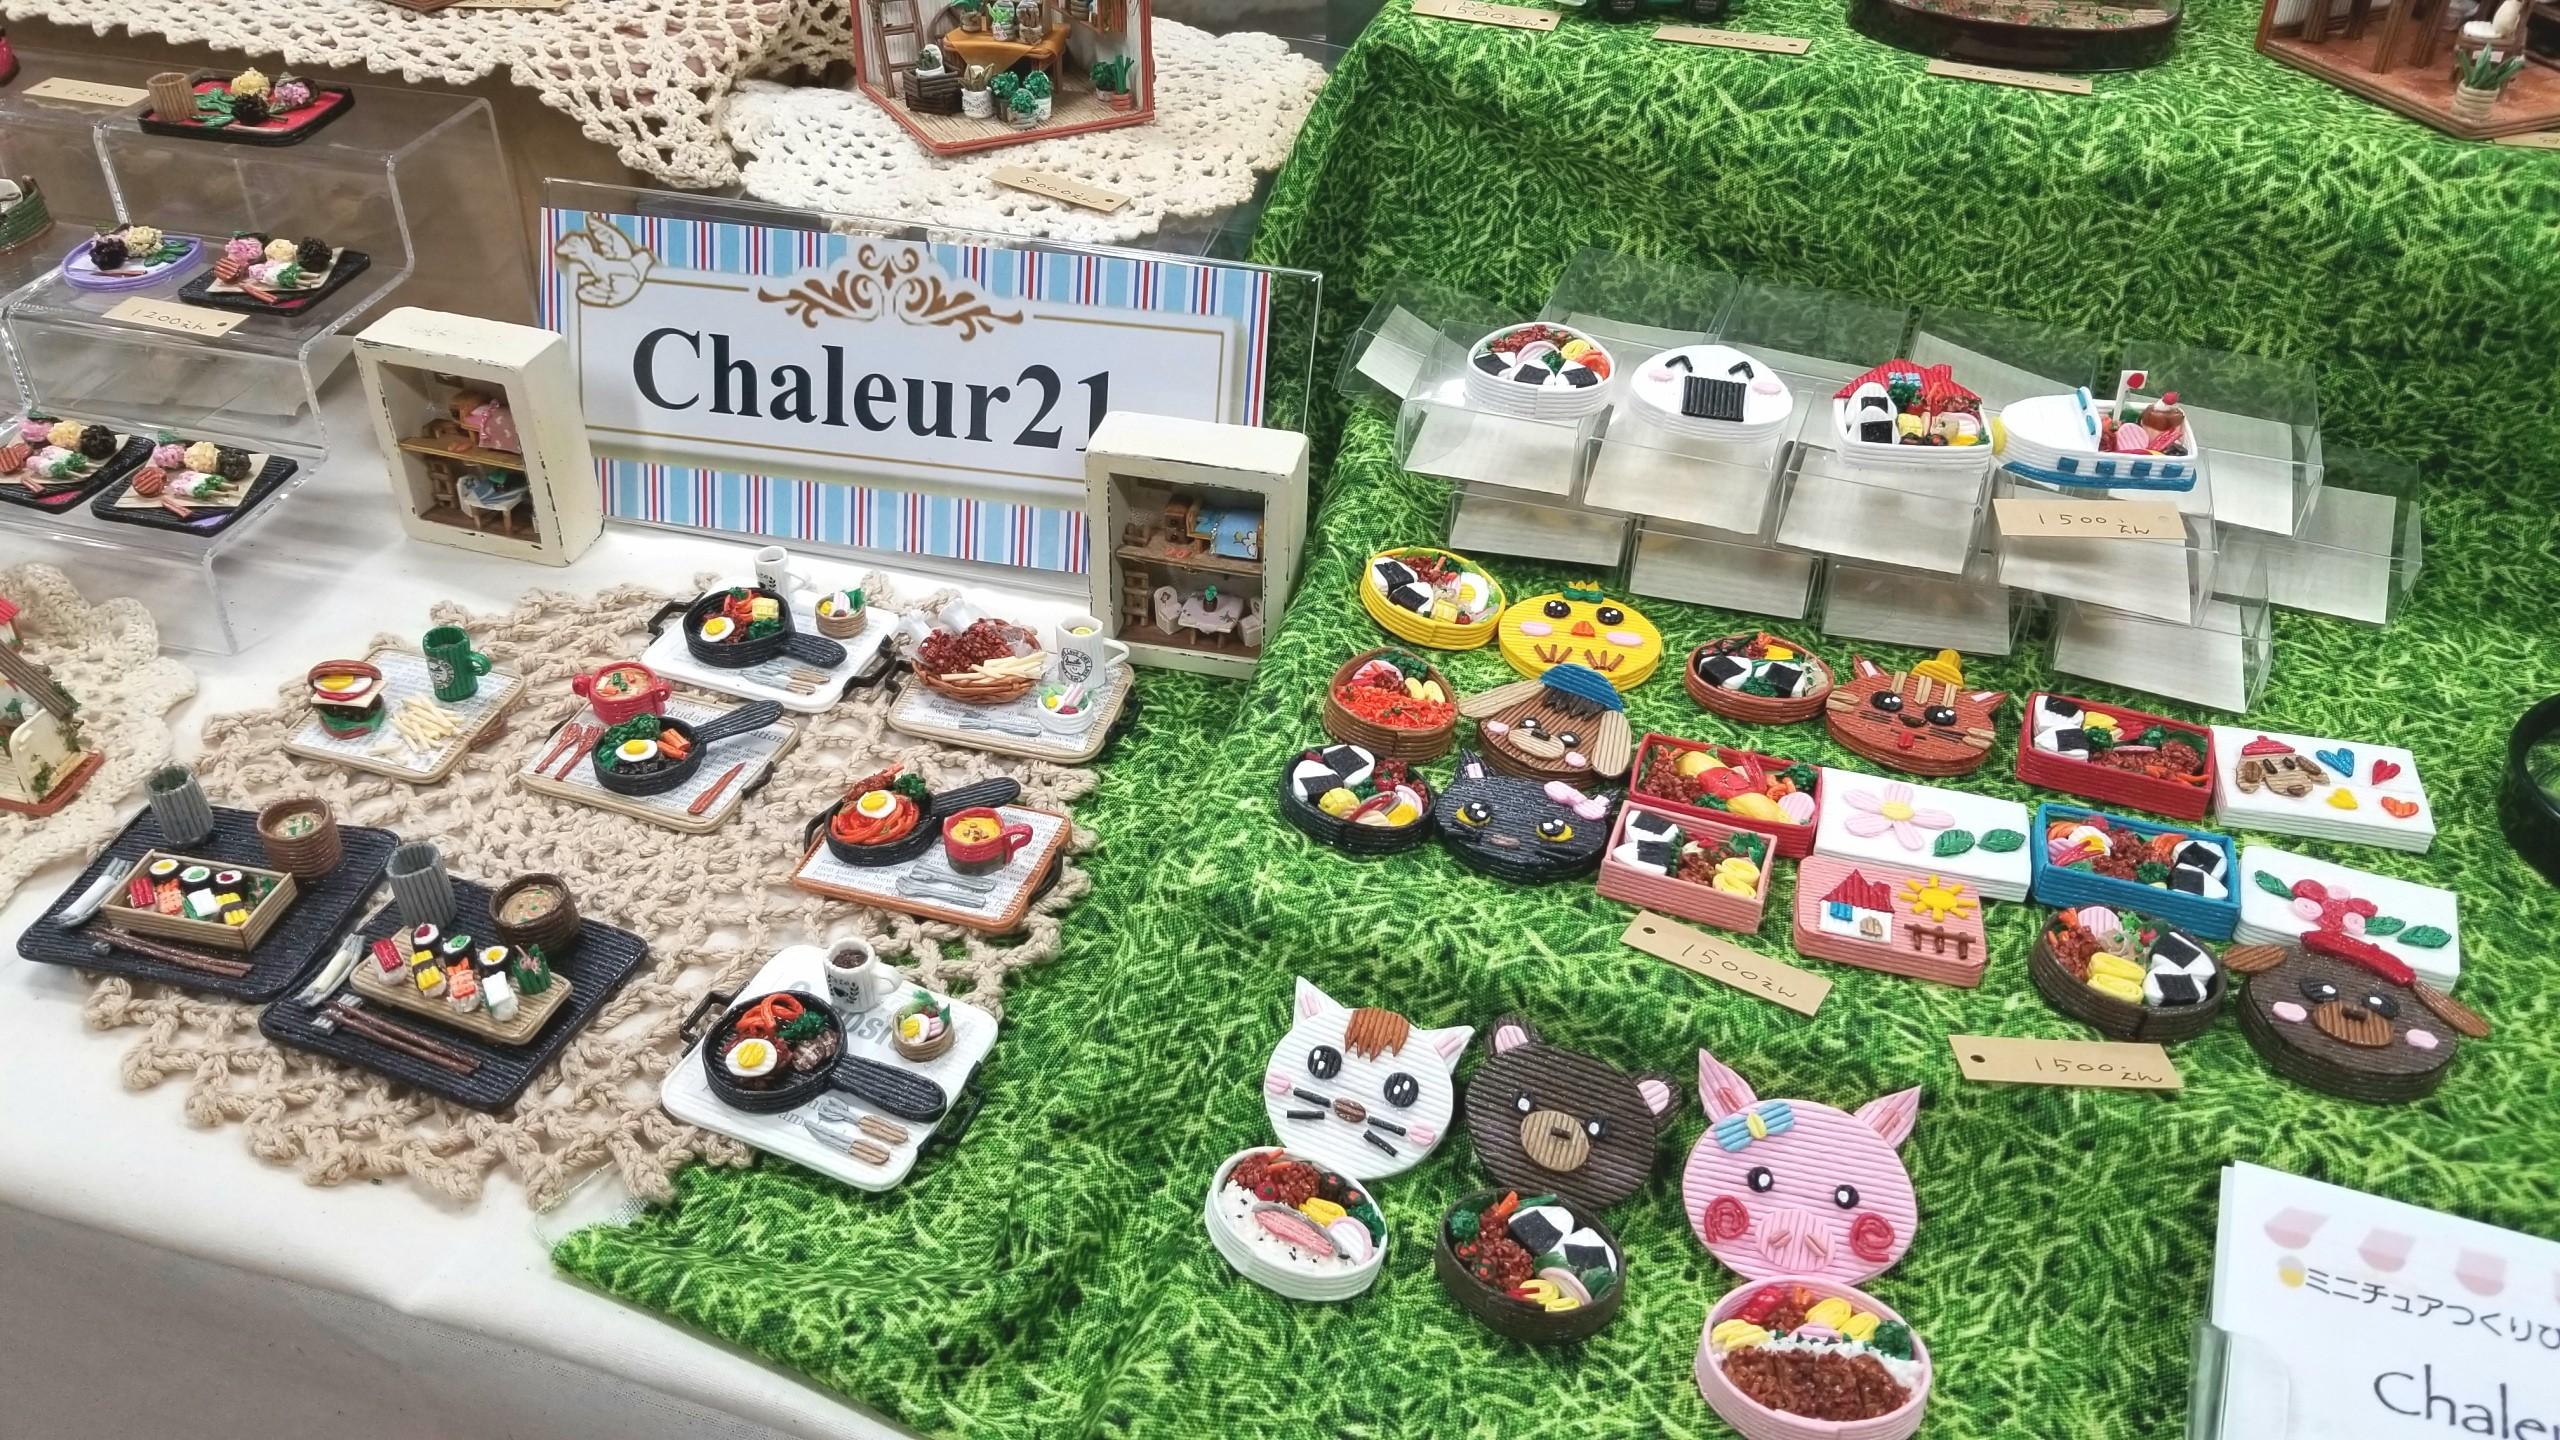 Chaleur21,ミニチュア,クラフトバンド作家,可愛い,ドールハウス